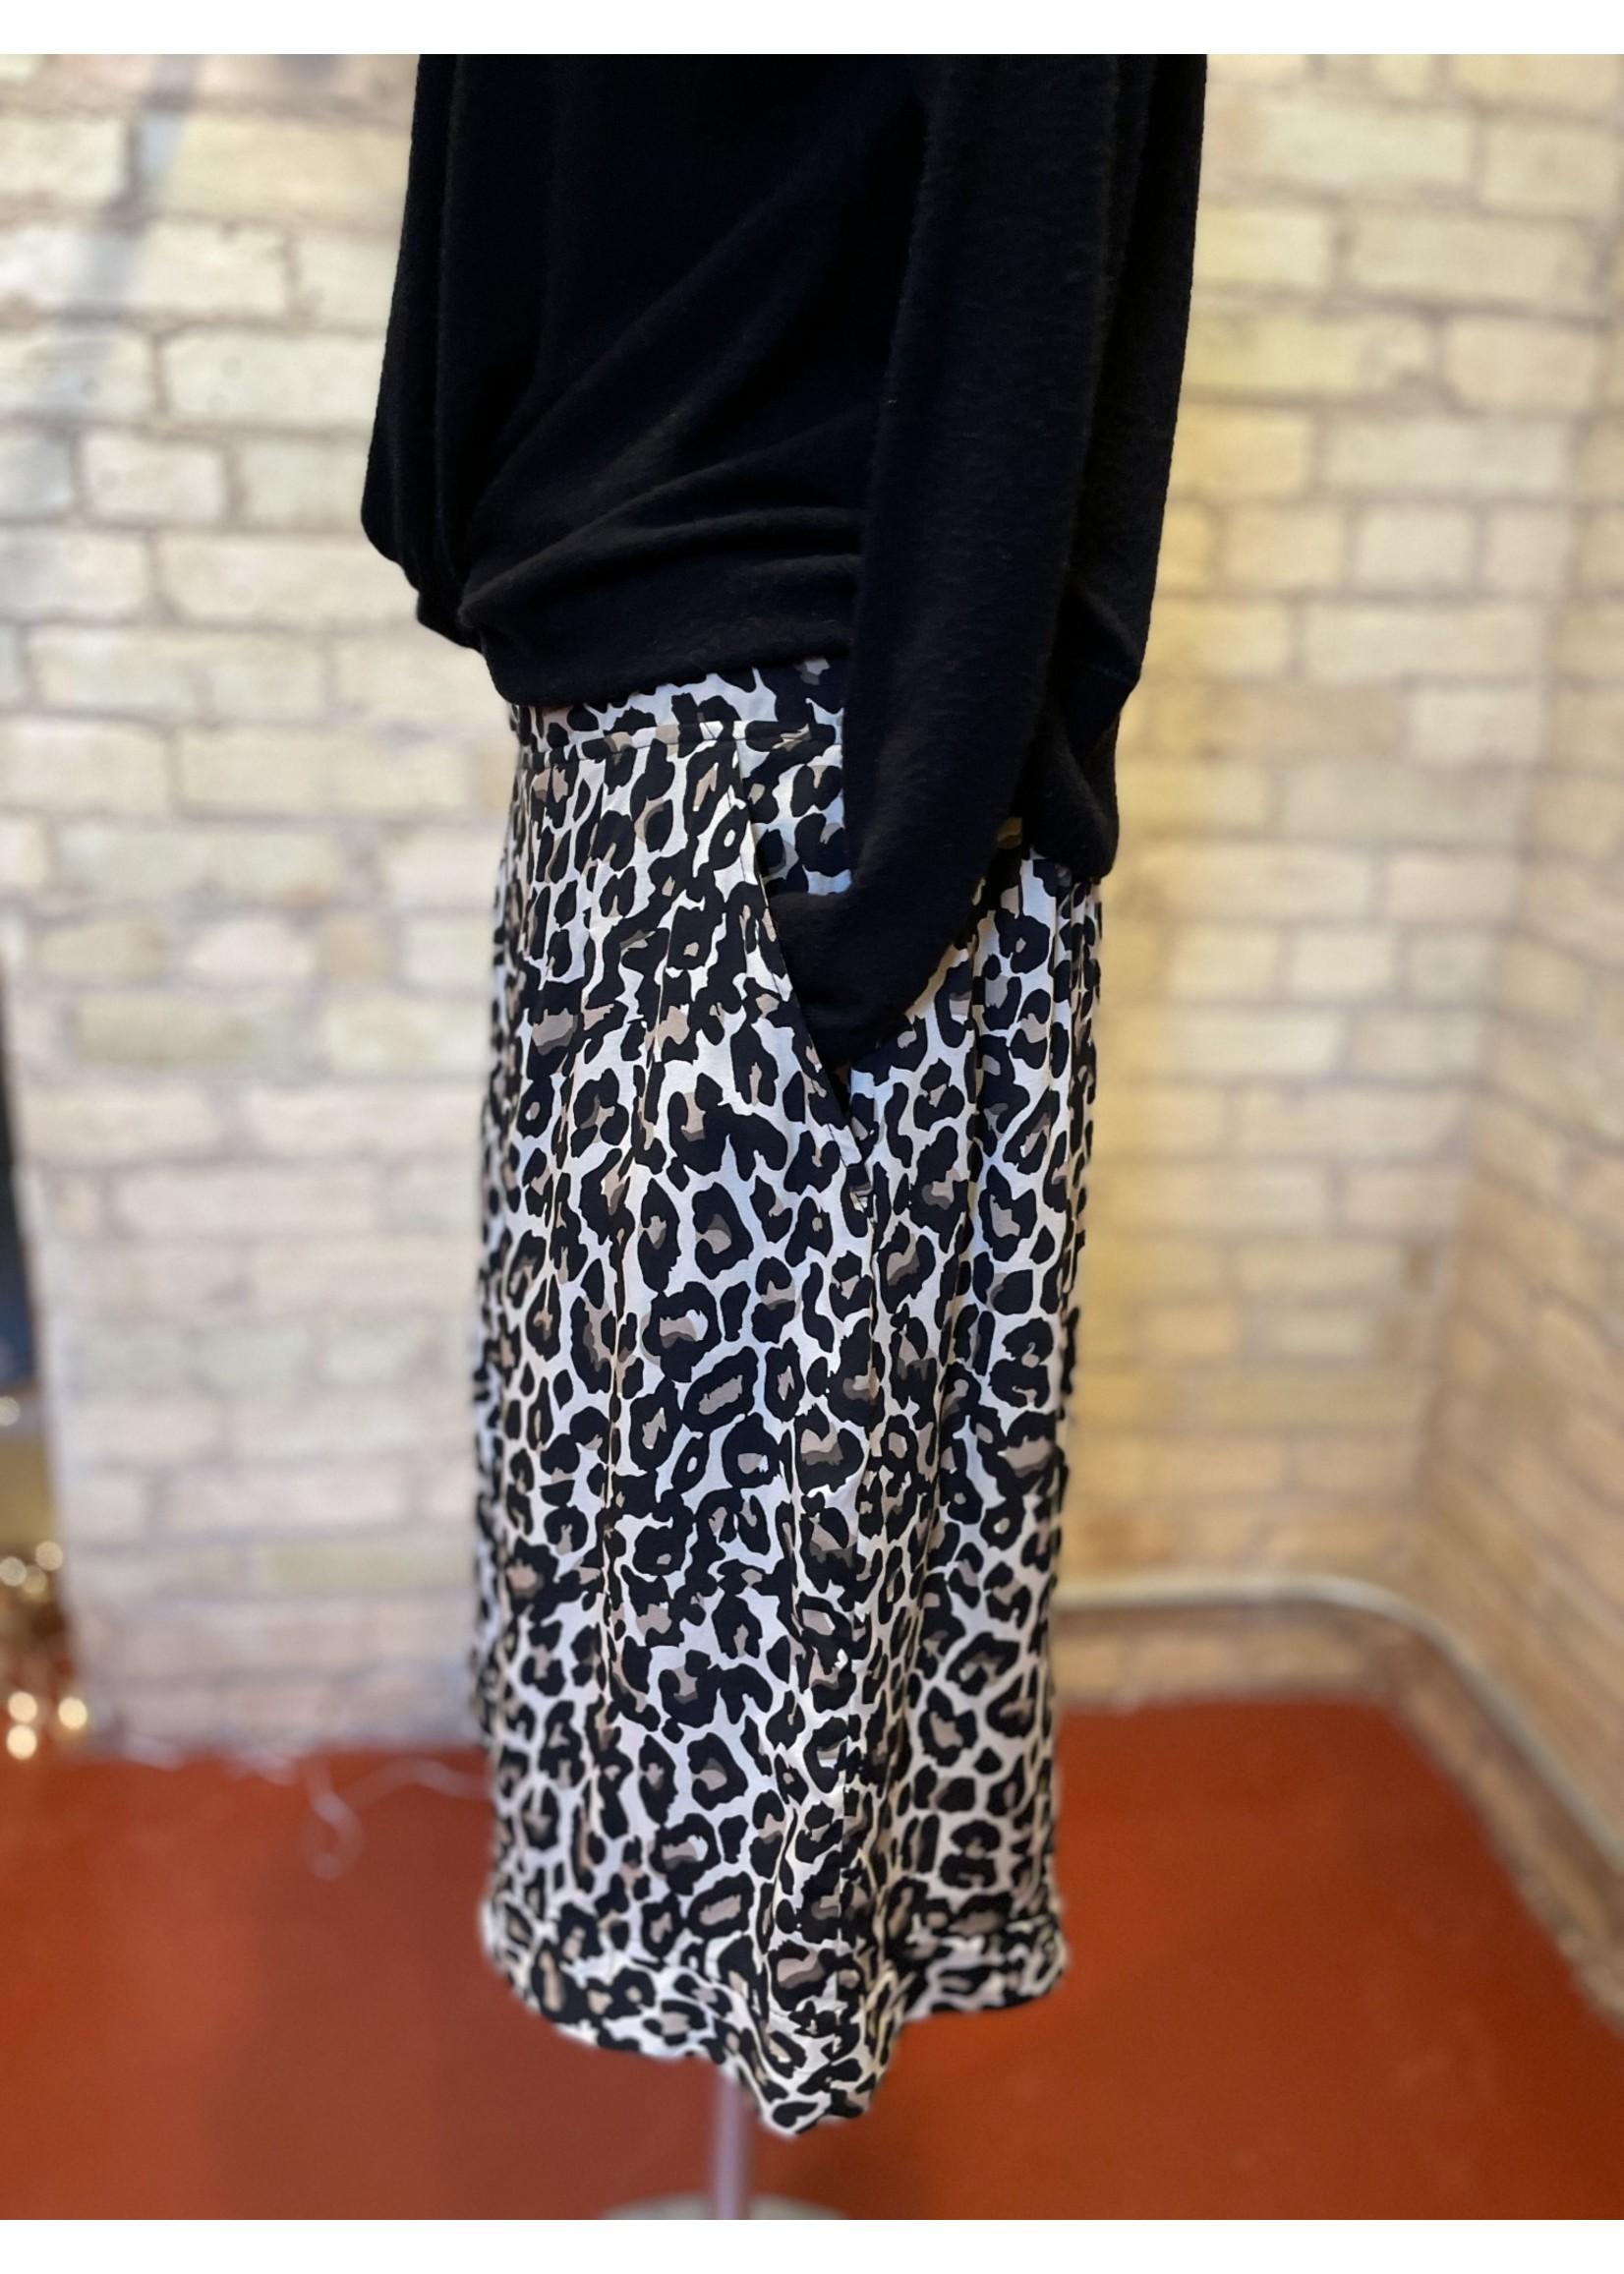 By Tavi Cheetah Mod Skirt